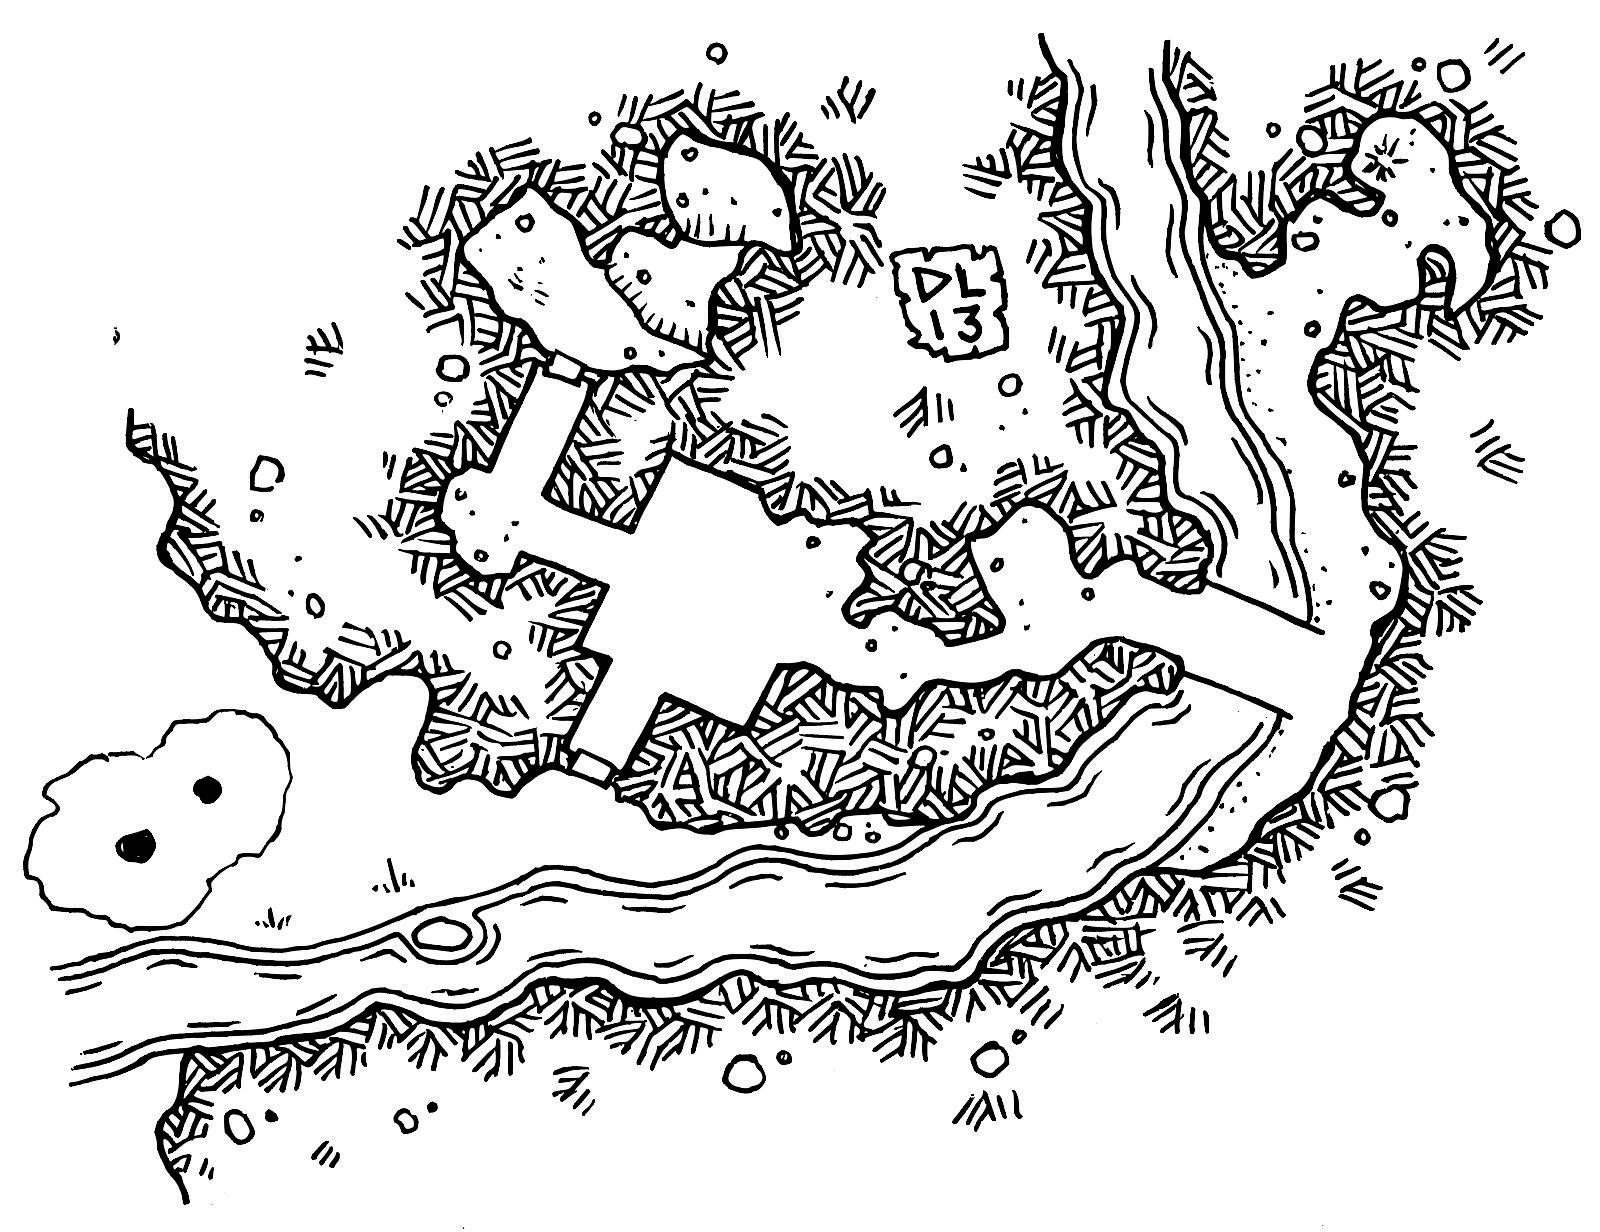 Tenkar S Tavern The Grand Original Map Contest